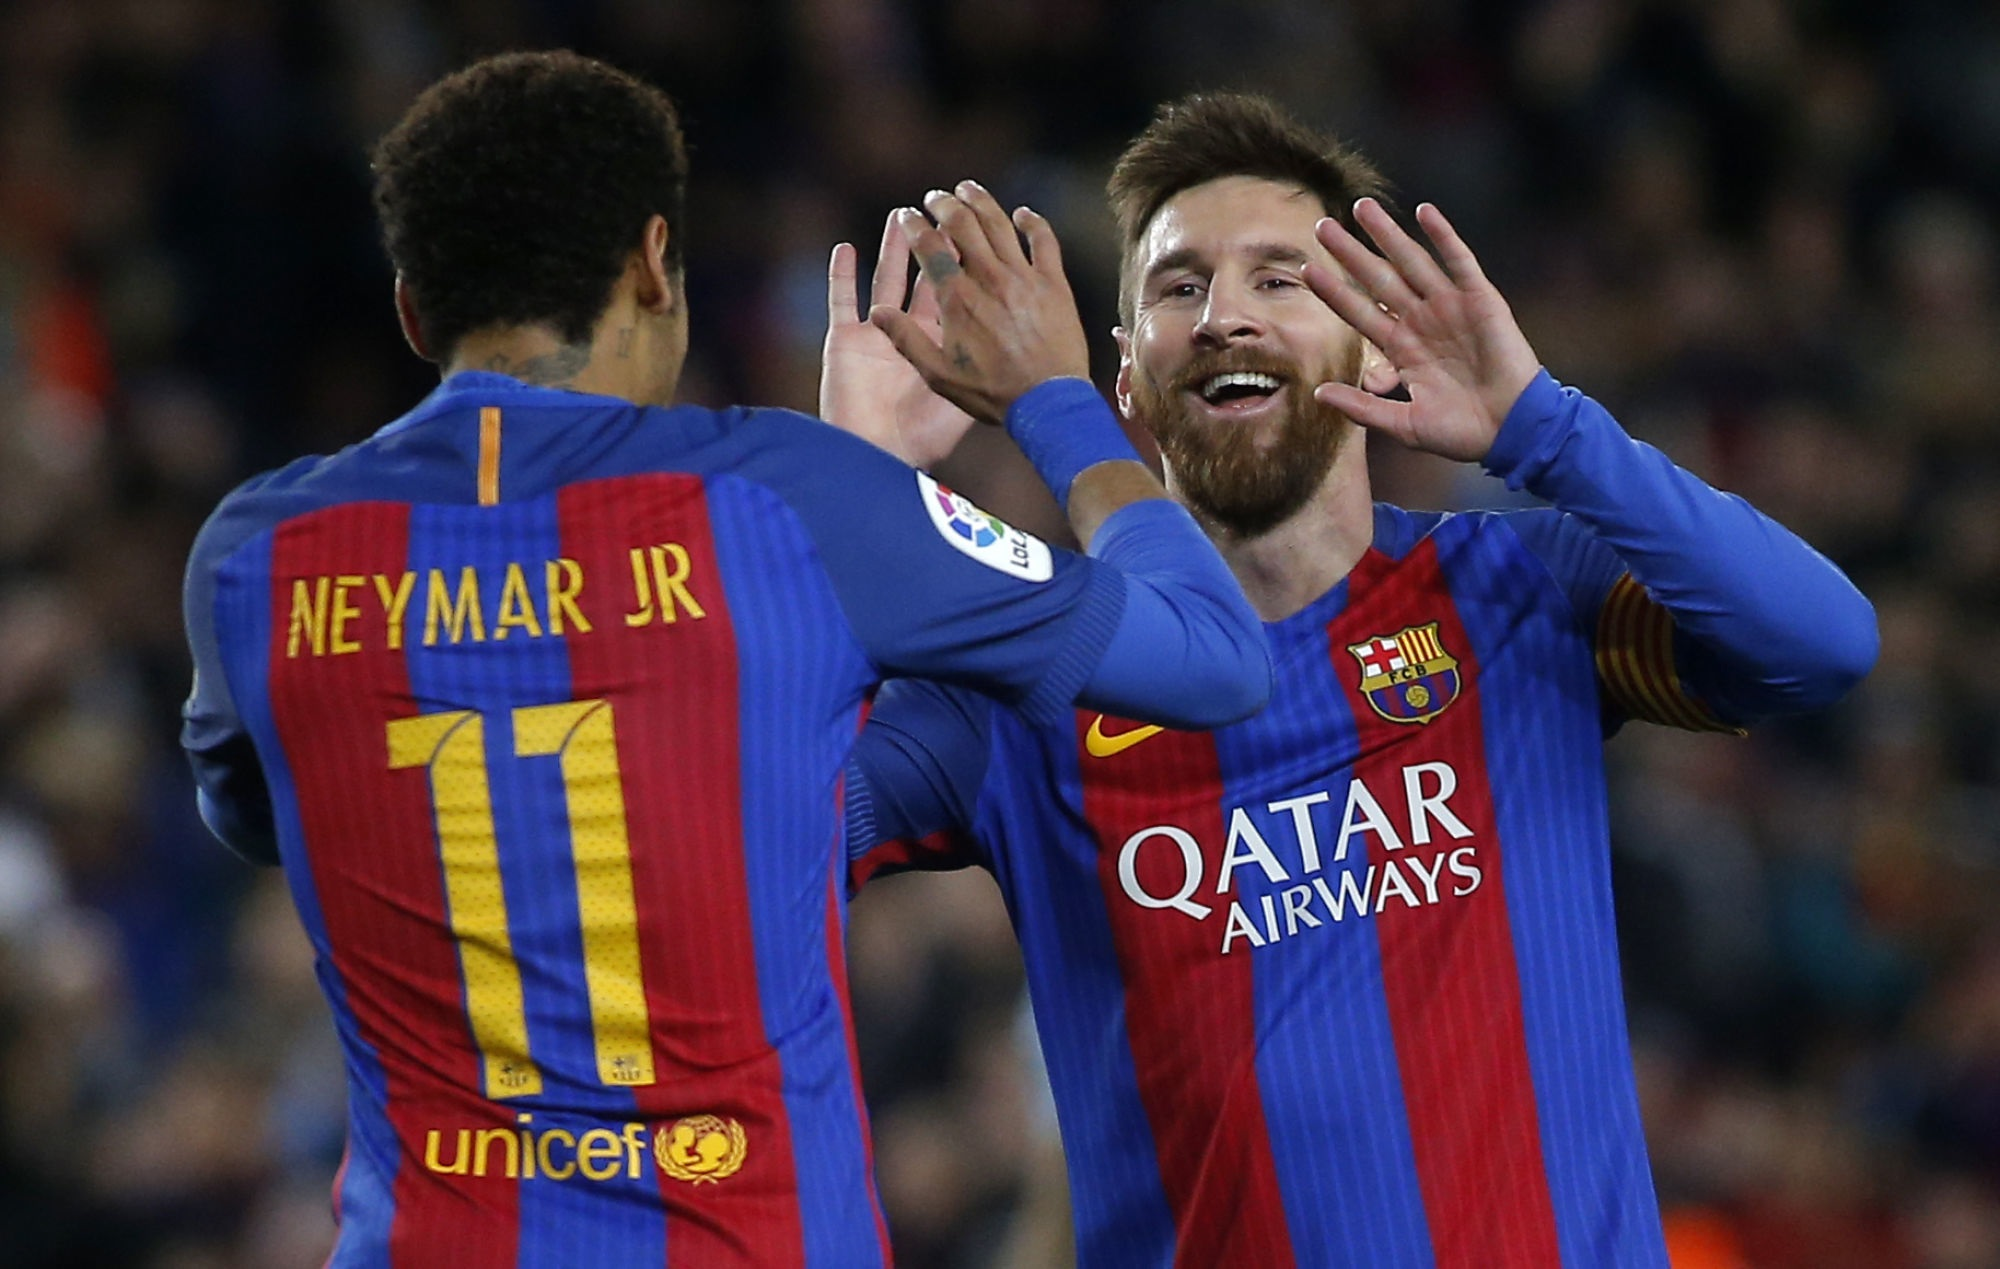 Mercato - L'entourage de Messi dément mettre la pression à Neymar